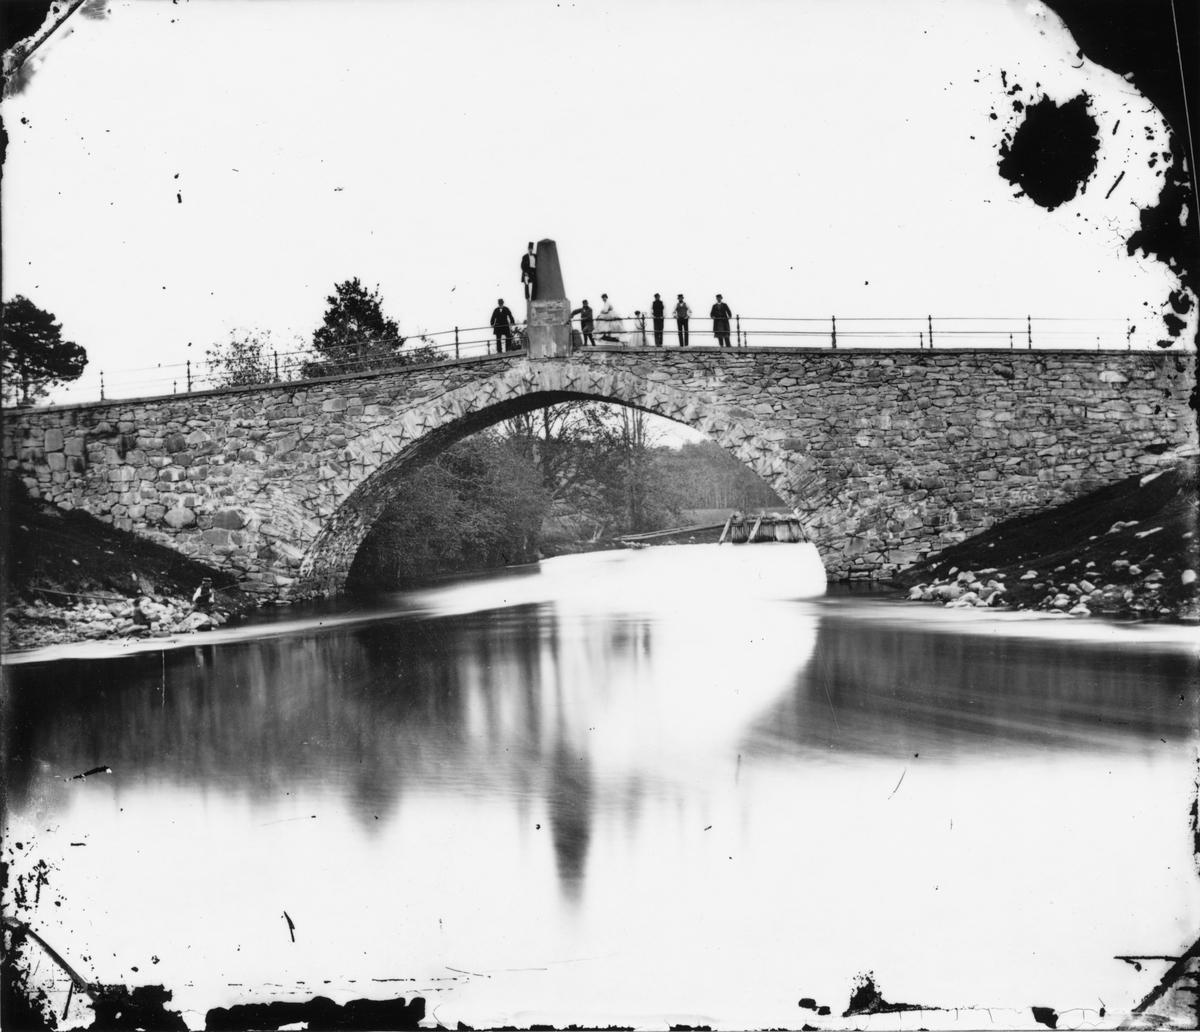 Gustafsbro utanför Gävle. 1860-talet. Foto: Amanad Gussander